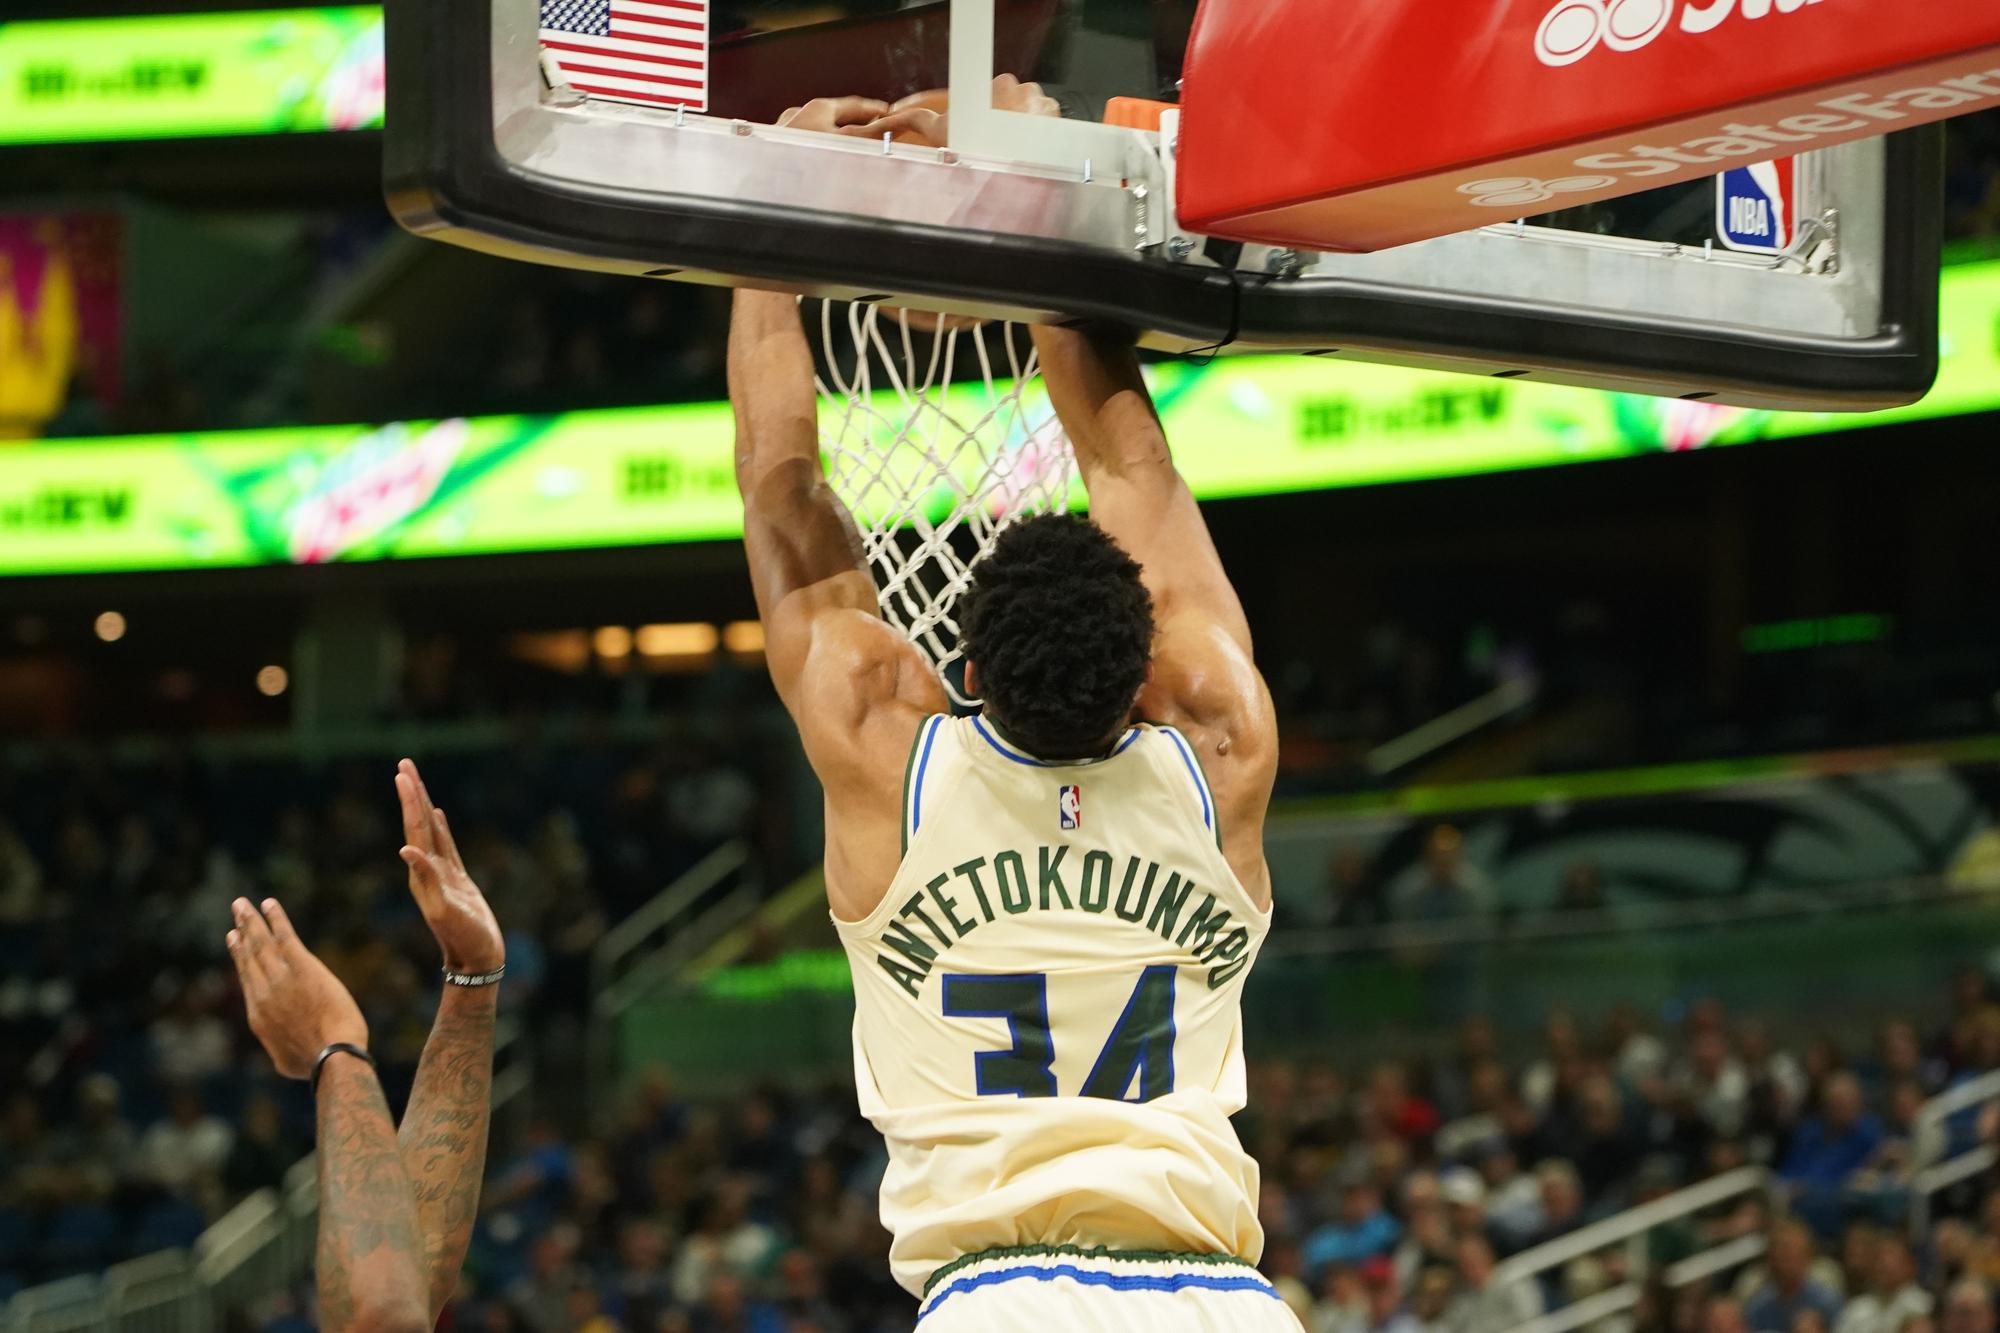 Who will win the 2020 NBA MVP? - Giannis Antetokounmpo